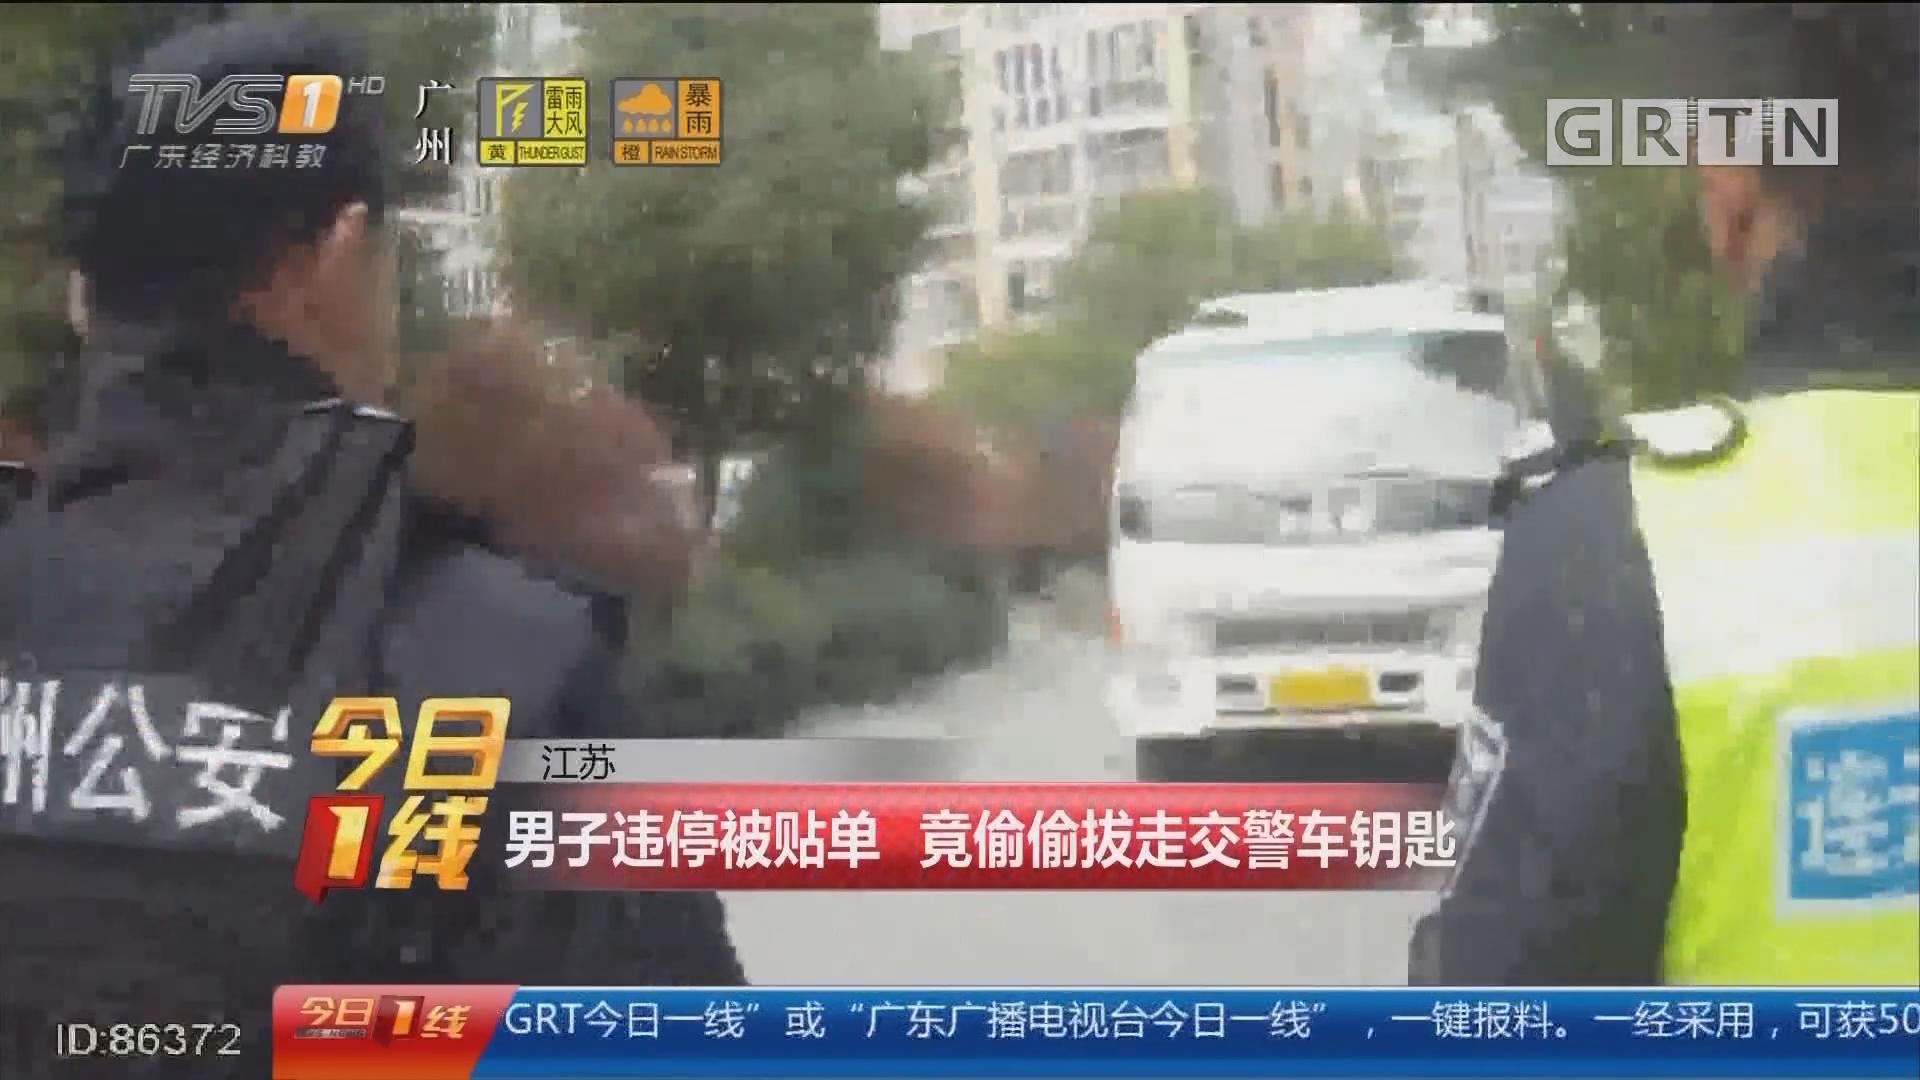 江苏:男子违停被贴单 竟偷偷拔走交警车钥匙